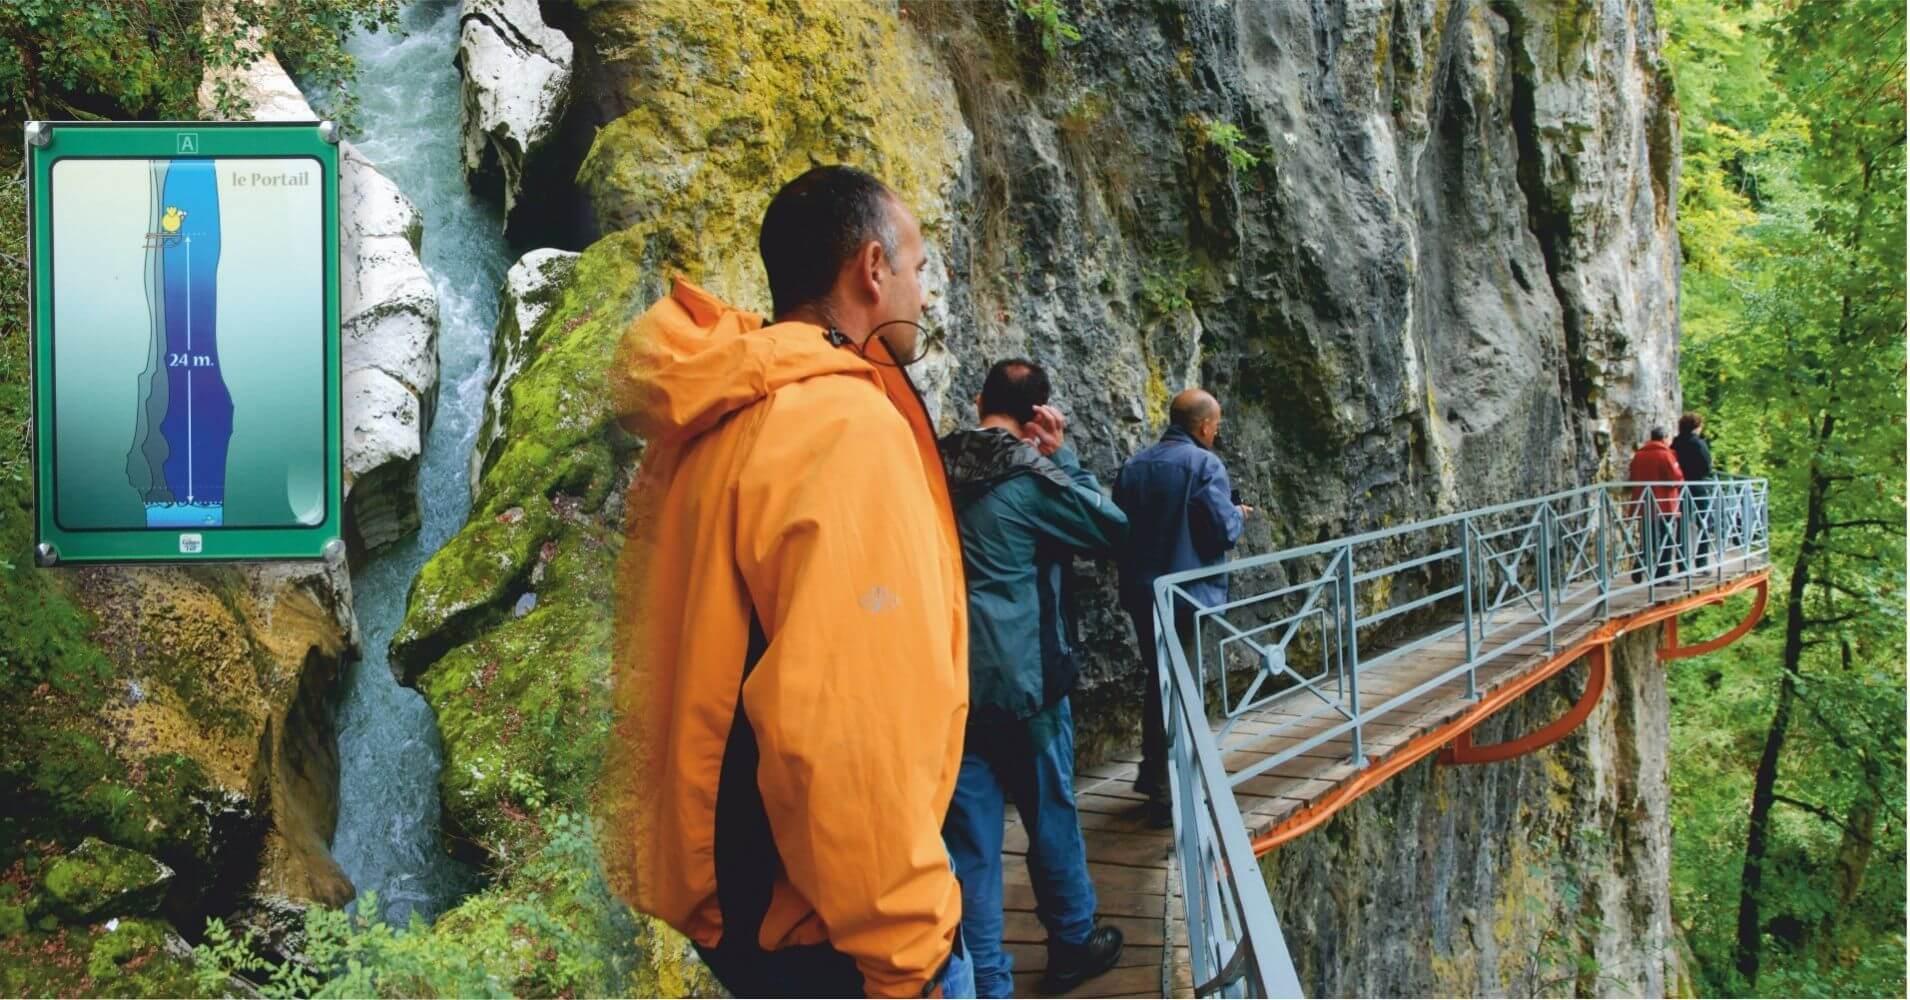 Escala de Inundaciones en Gorges du Fier. Lovagni, Alta Saboya. Auvernia-Ródano-Alpes. Francia.